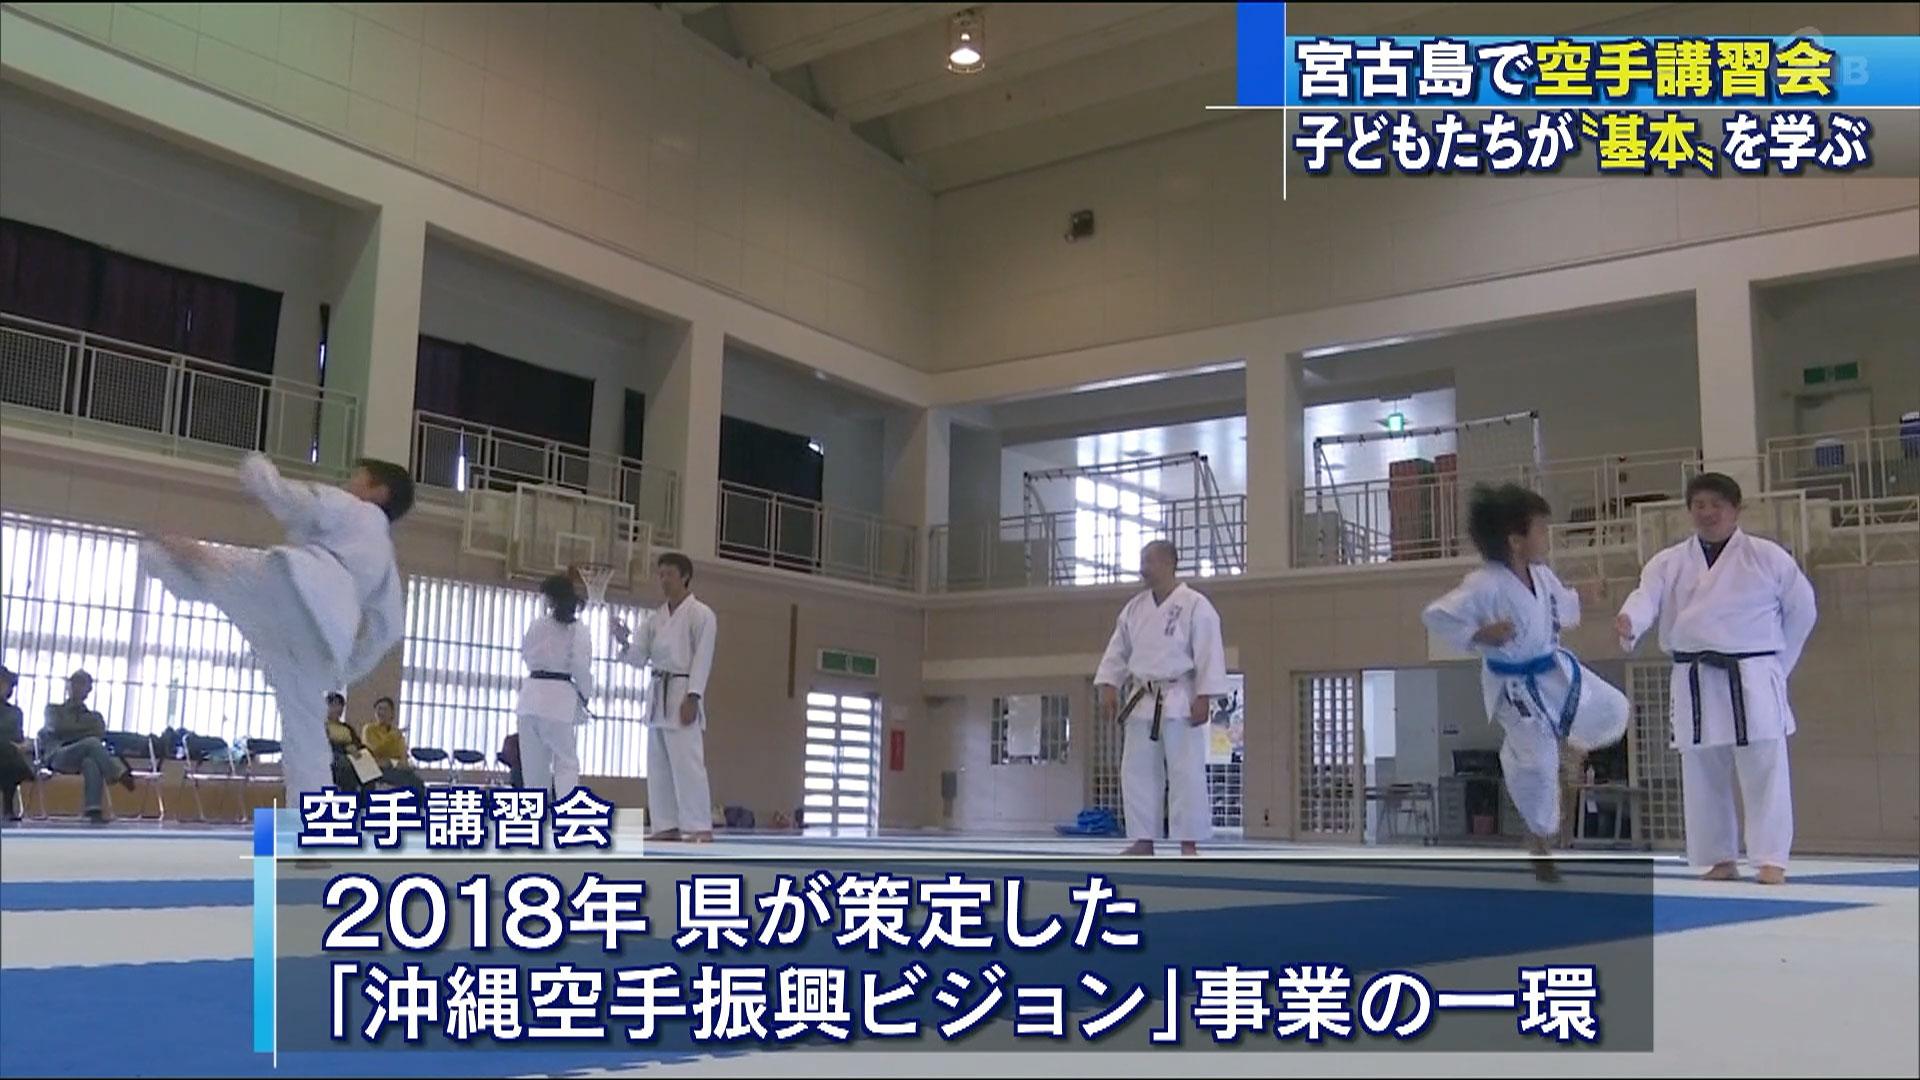 宮古島の中学校で空手講習会